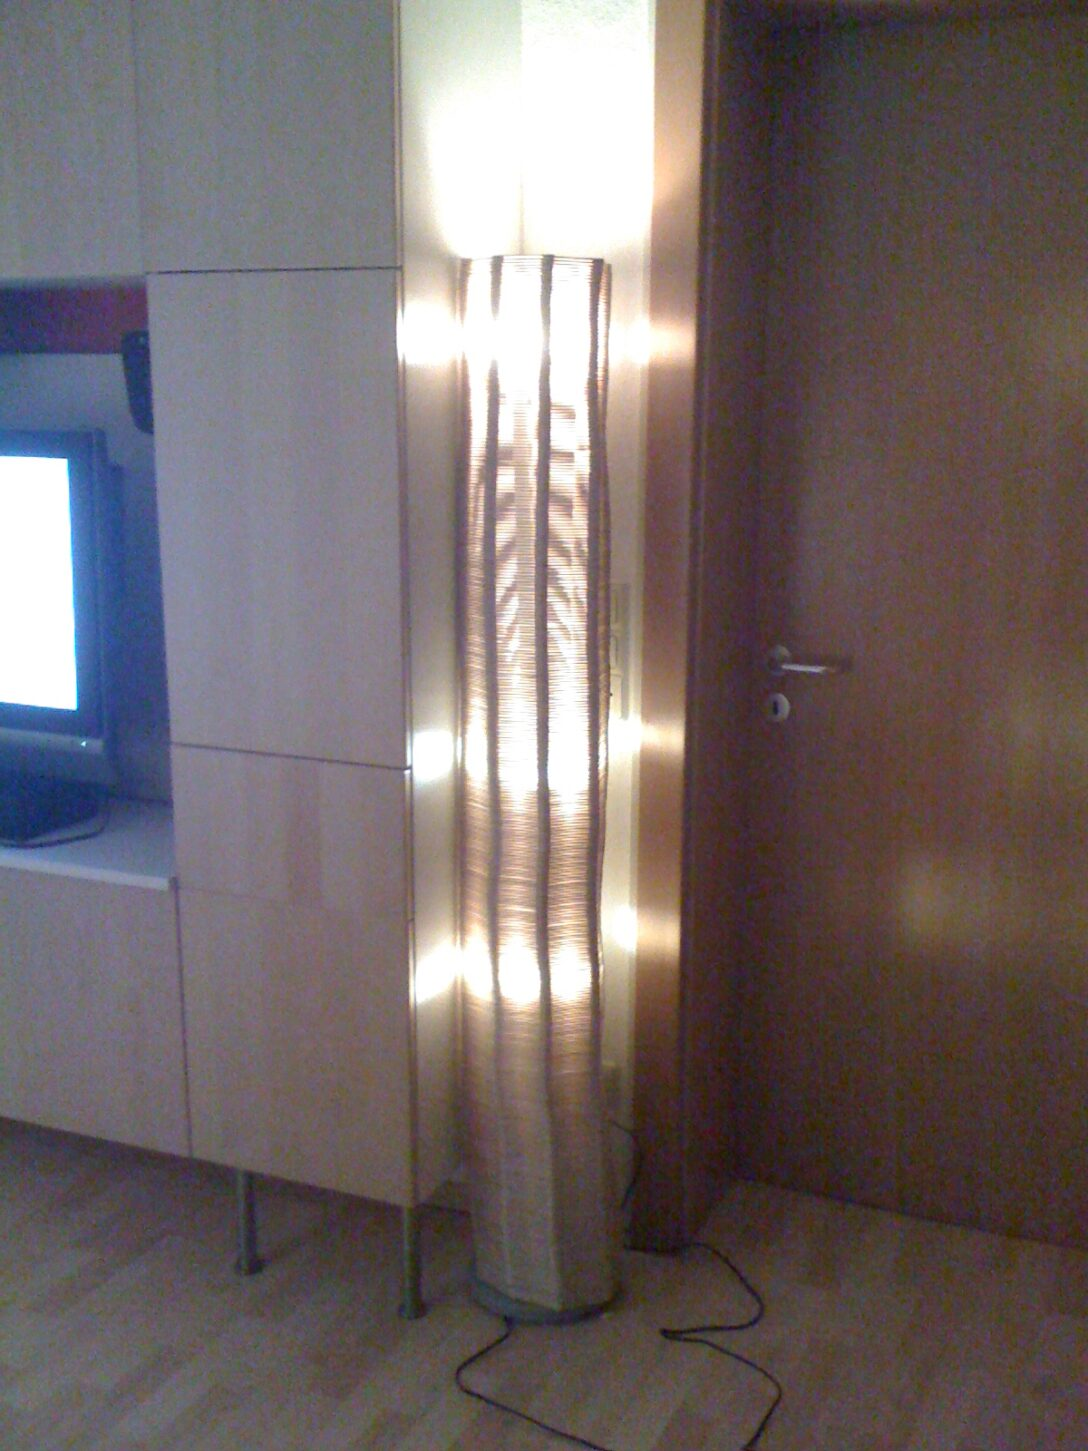 Large Size of Designer Stehlampe Aus Eisstielen Betten Holz Holzhaus Garten Schlafzimmer Komplett Massivholz Holzregal Badezimmer Bad Unterschrank Holzhäuser Esstisch Wohnzimmer Ikea Stehlampe Holz